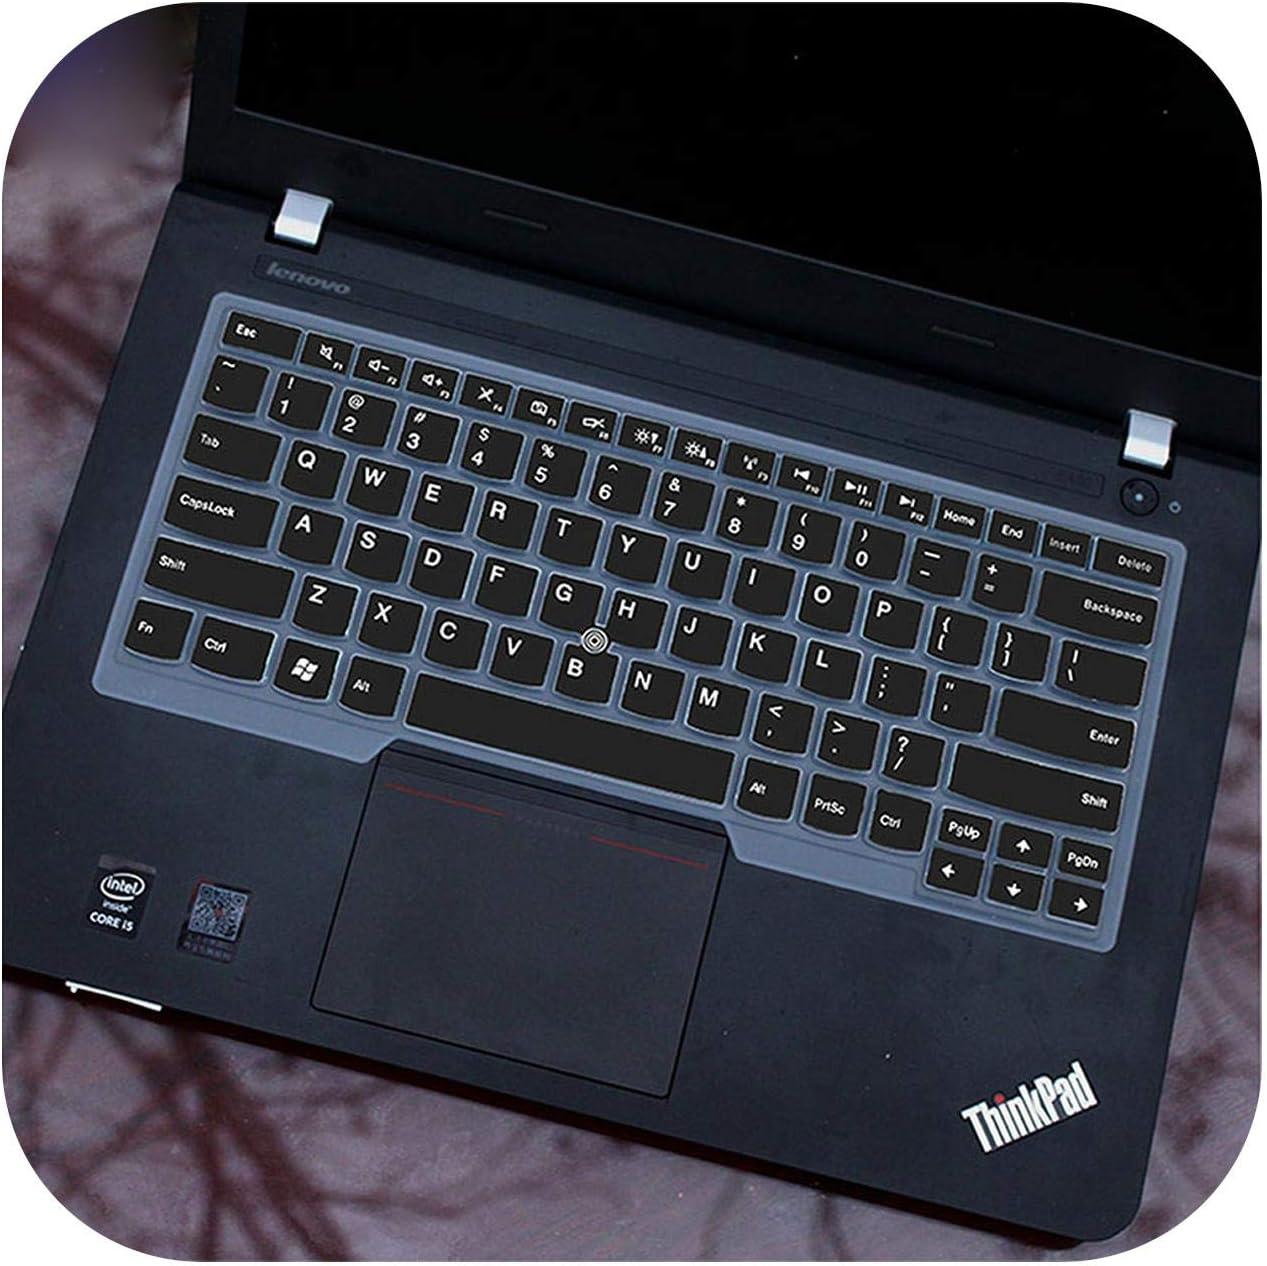 Schwarz Laptop-Tastaturabdeckung f/ür Lenovo Thinkpad T431 T431S E431 T440 T440P T440S E14 E440 L440 T450 T450S T460 T460P L450 T440